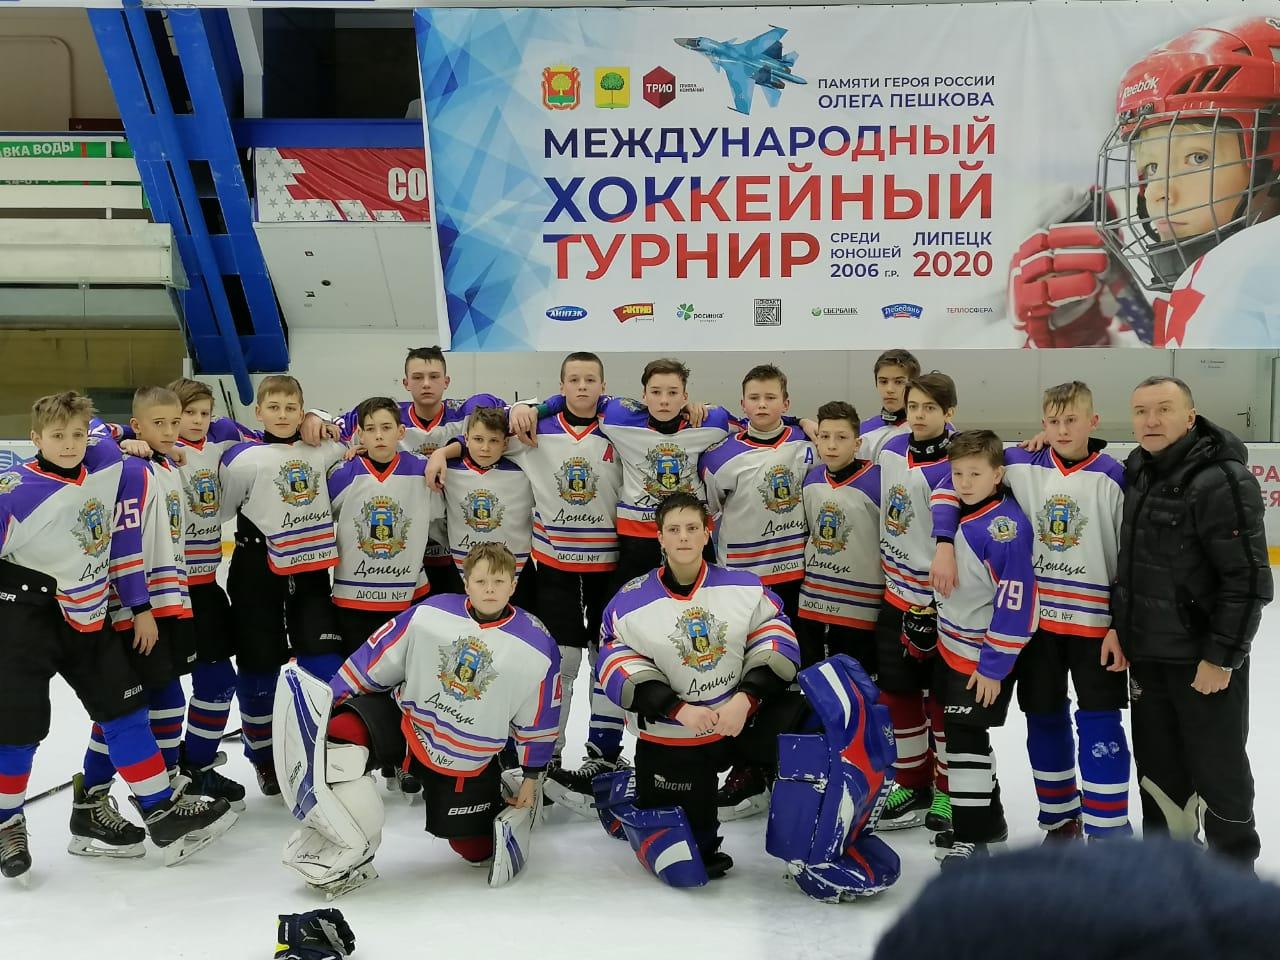 Хоккейная команда ДЮСШ №7 приняла участие в турнире памяти Героя России Олега Пешкова